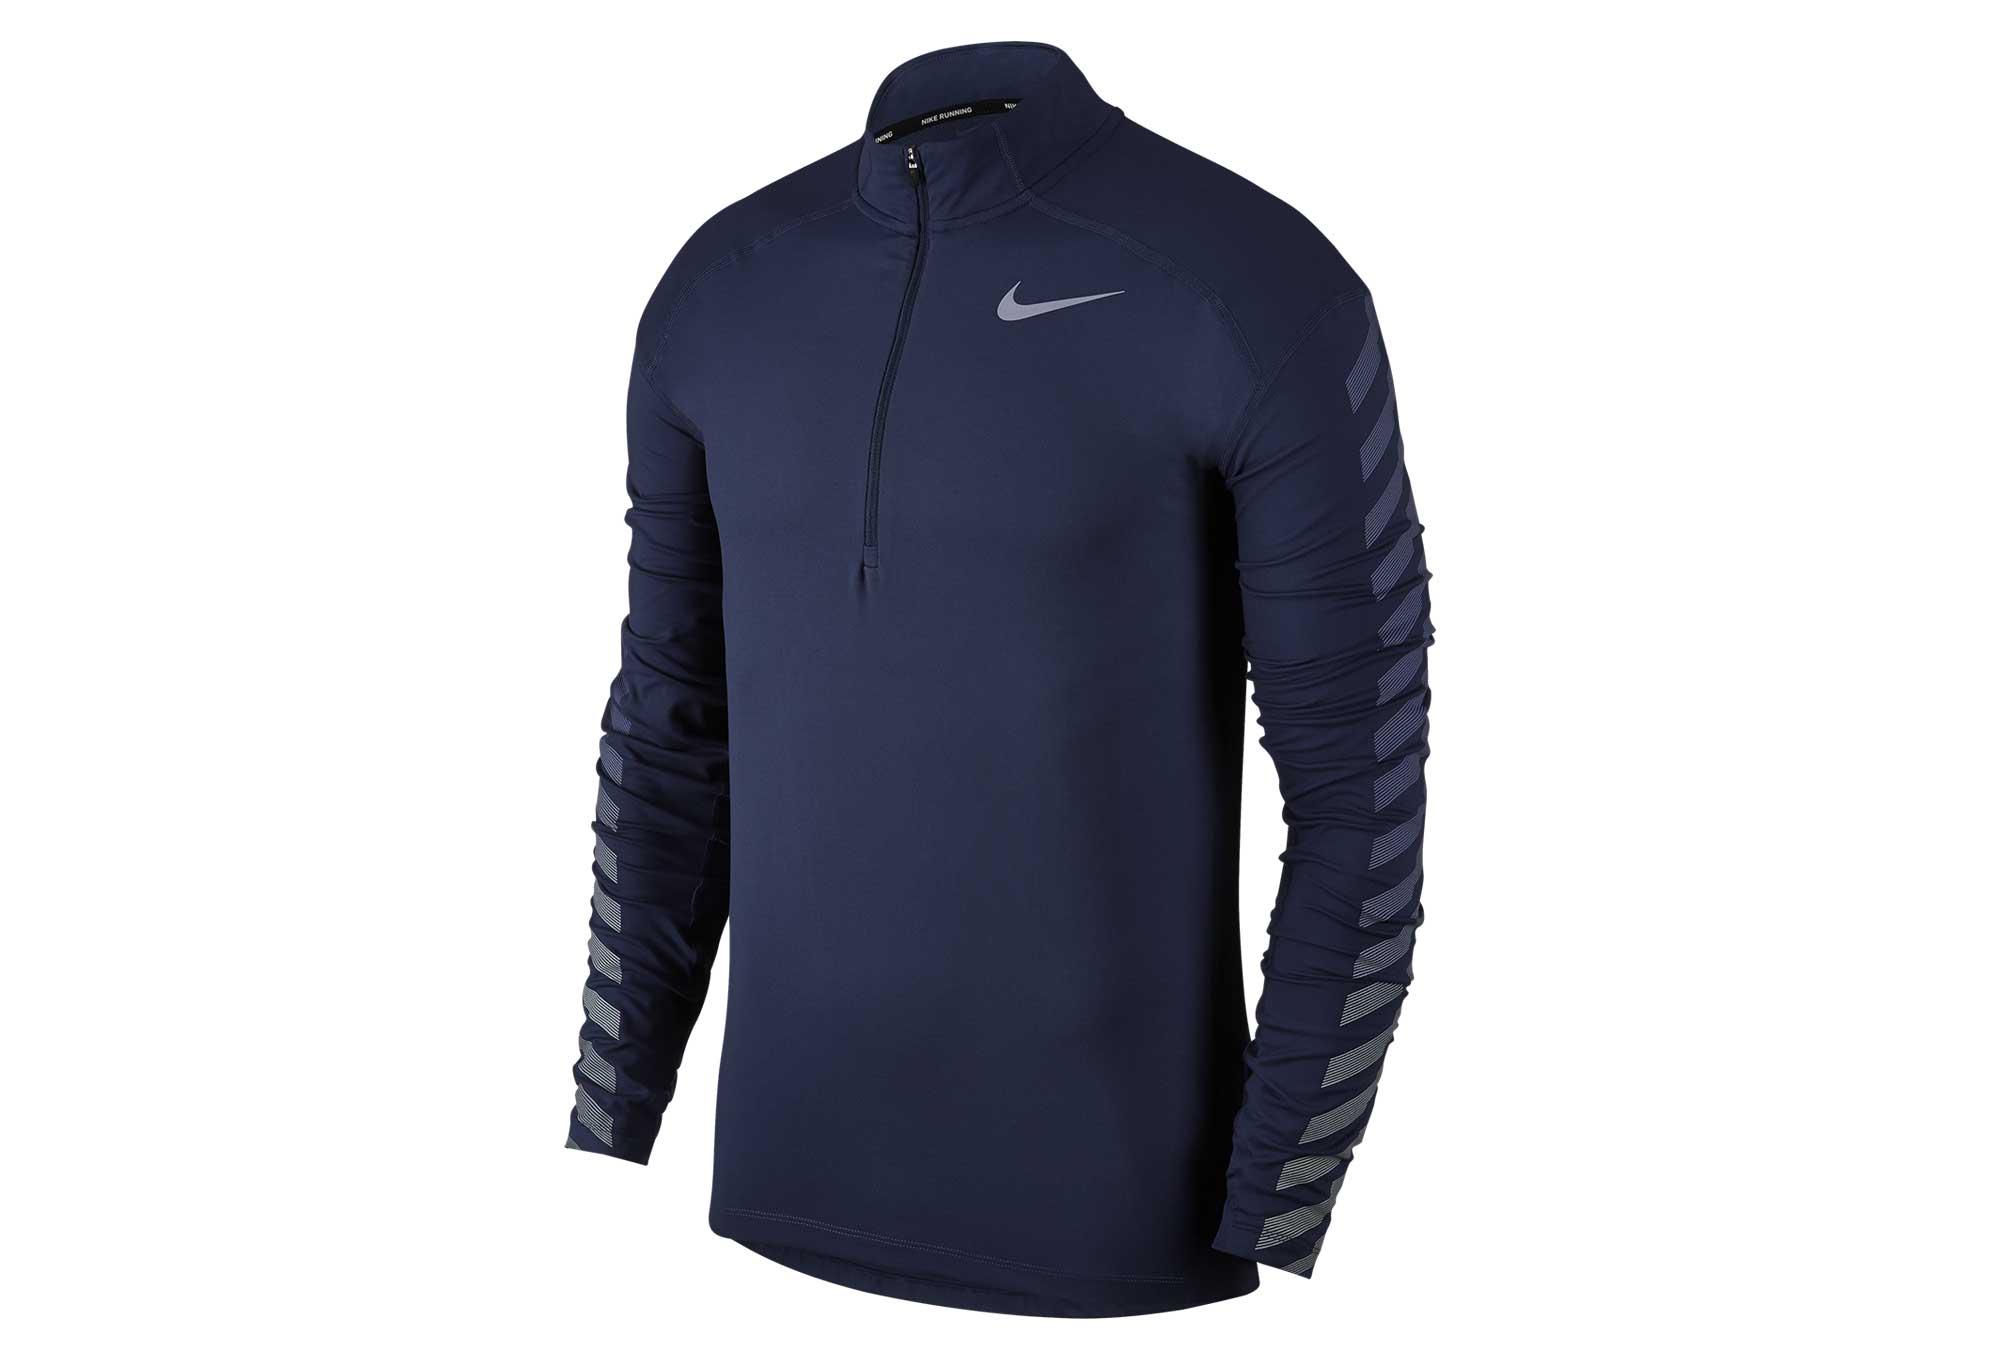 Bleu Element Nike Longues Manches Flash Homme Dry Maillot qPYzU